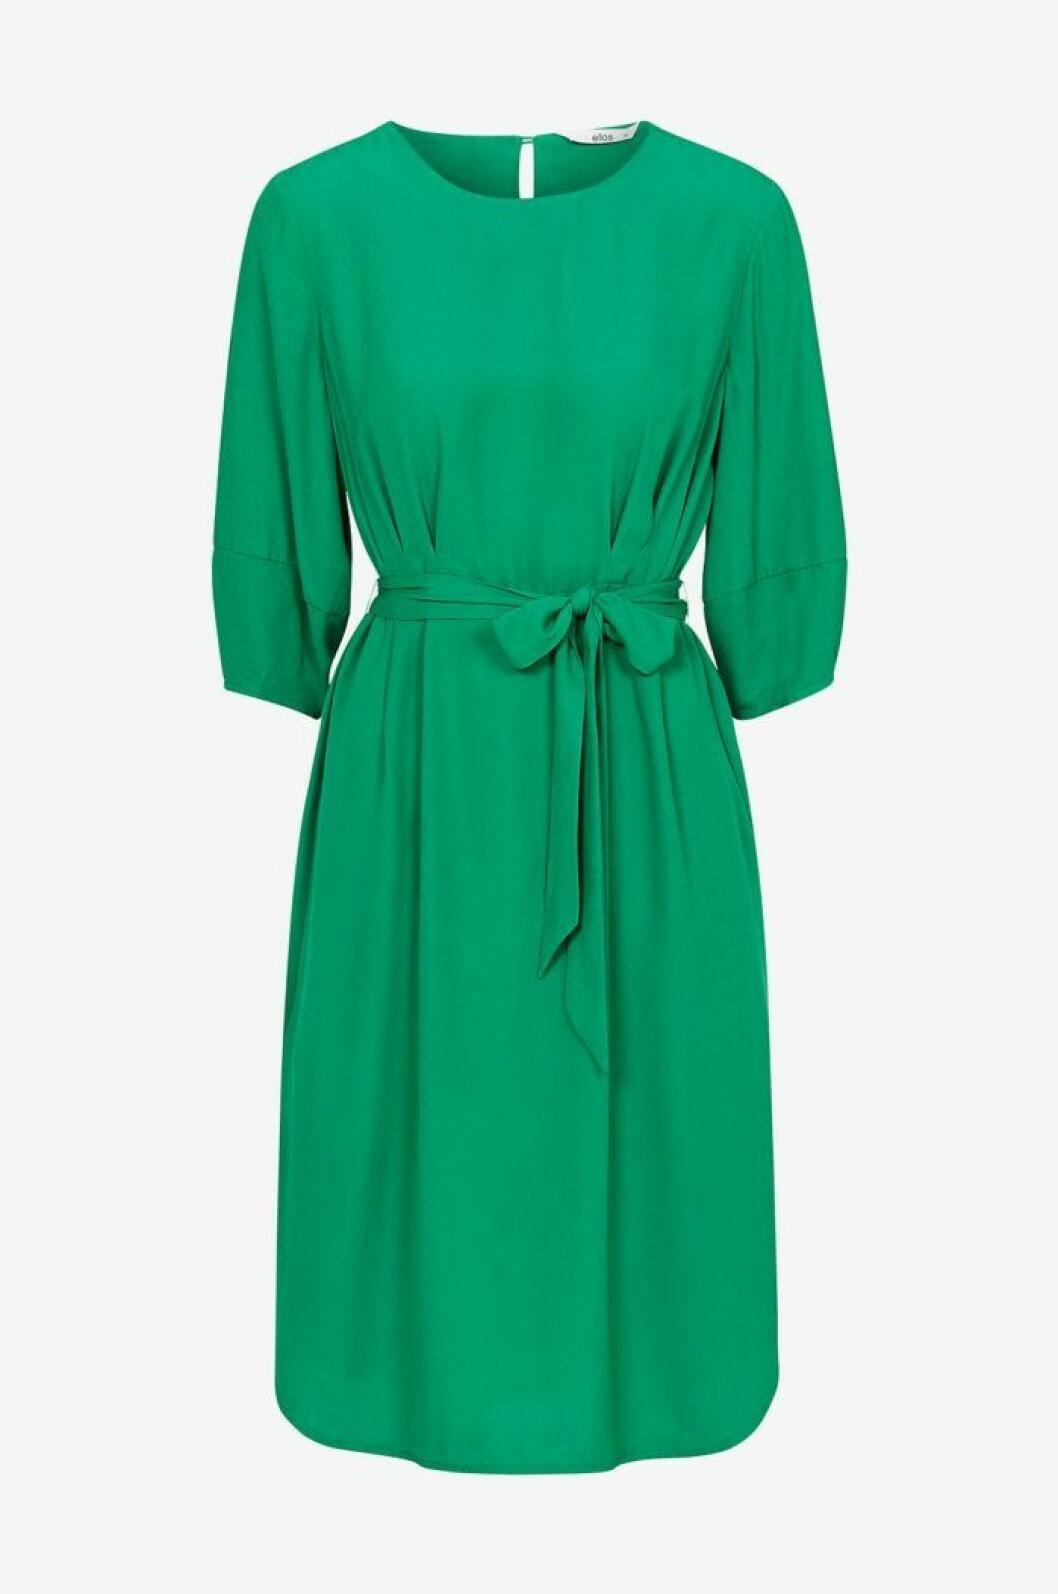 Grön klänning medellång